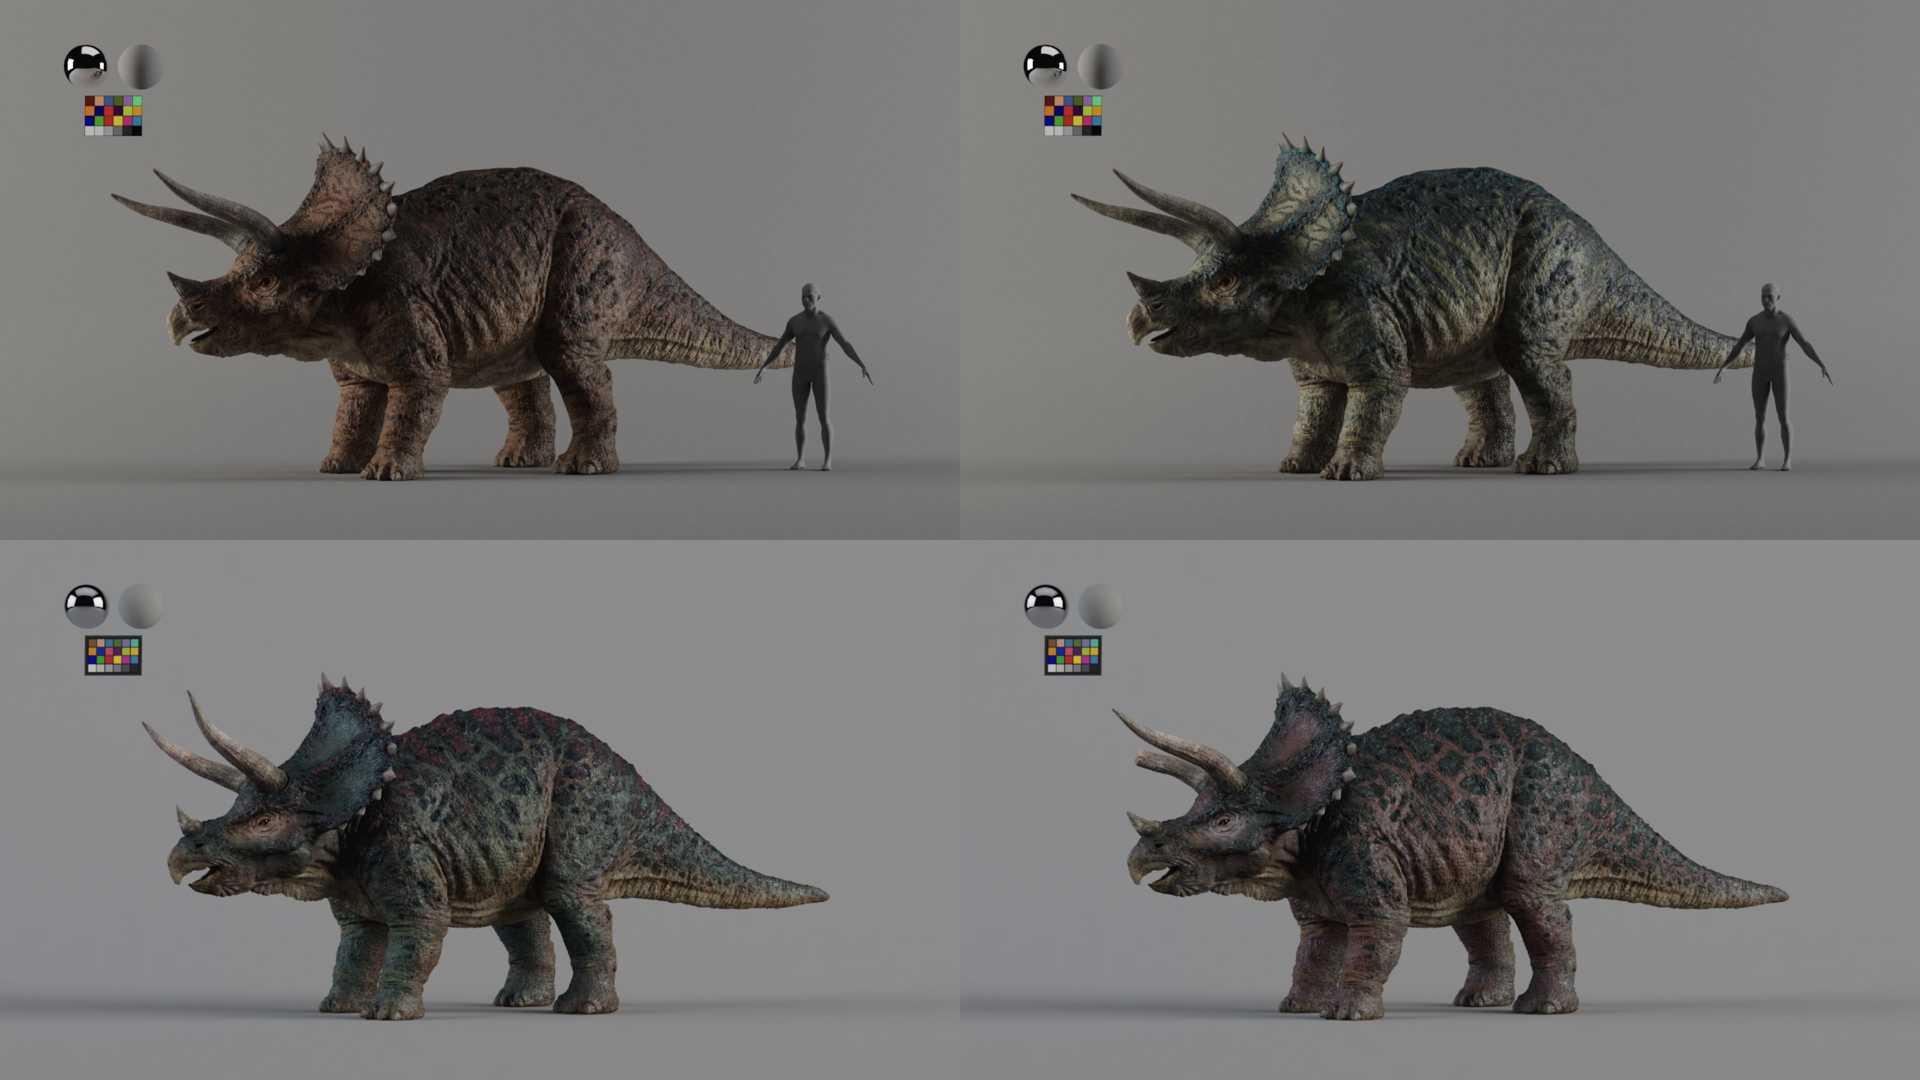 Für das Dinosaurierrennen in Iron Sky 2 entwarf Pixomondo vier Triceratopse mit jeweils unterschiedlichen Charakteren.